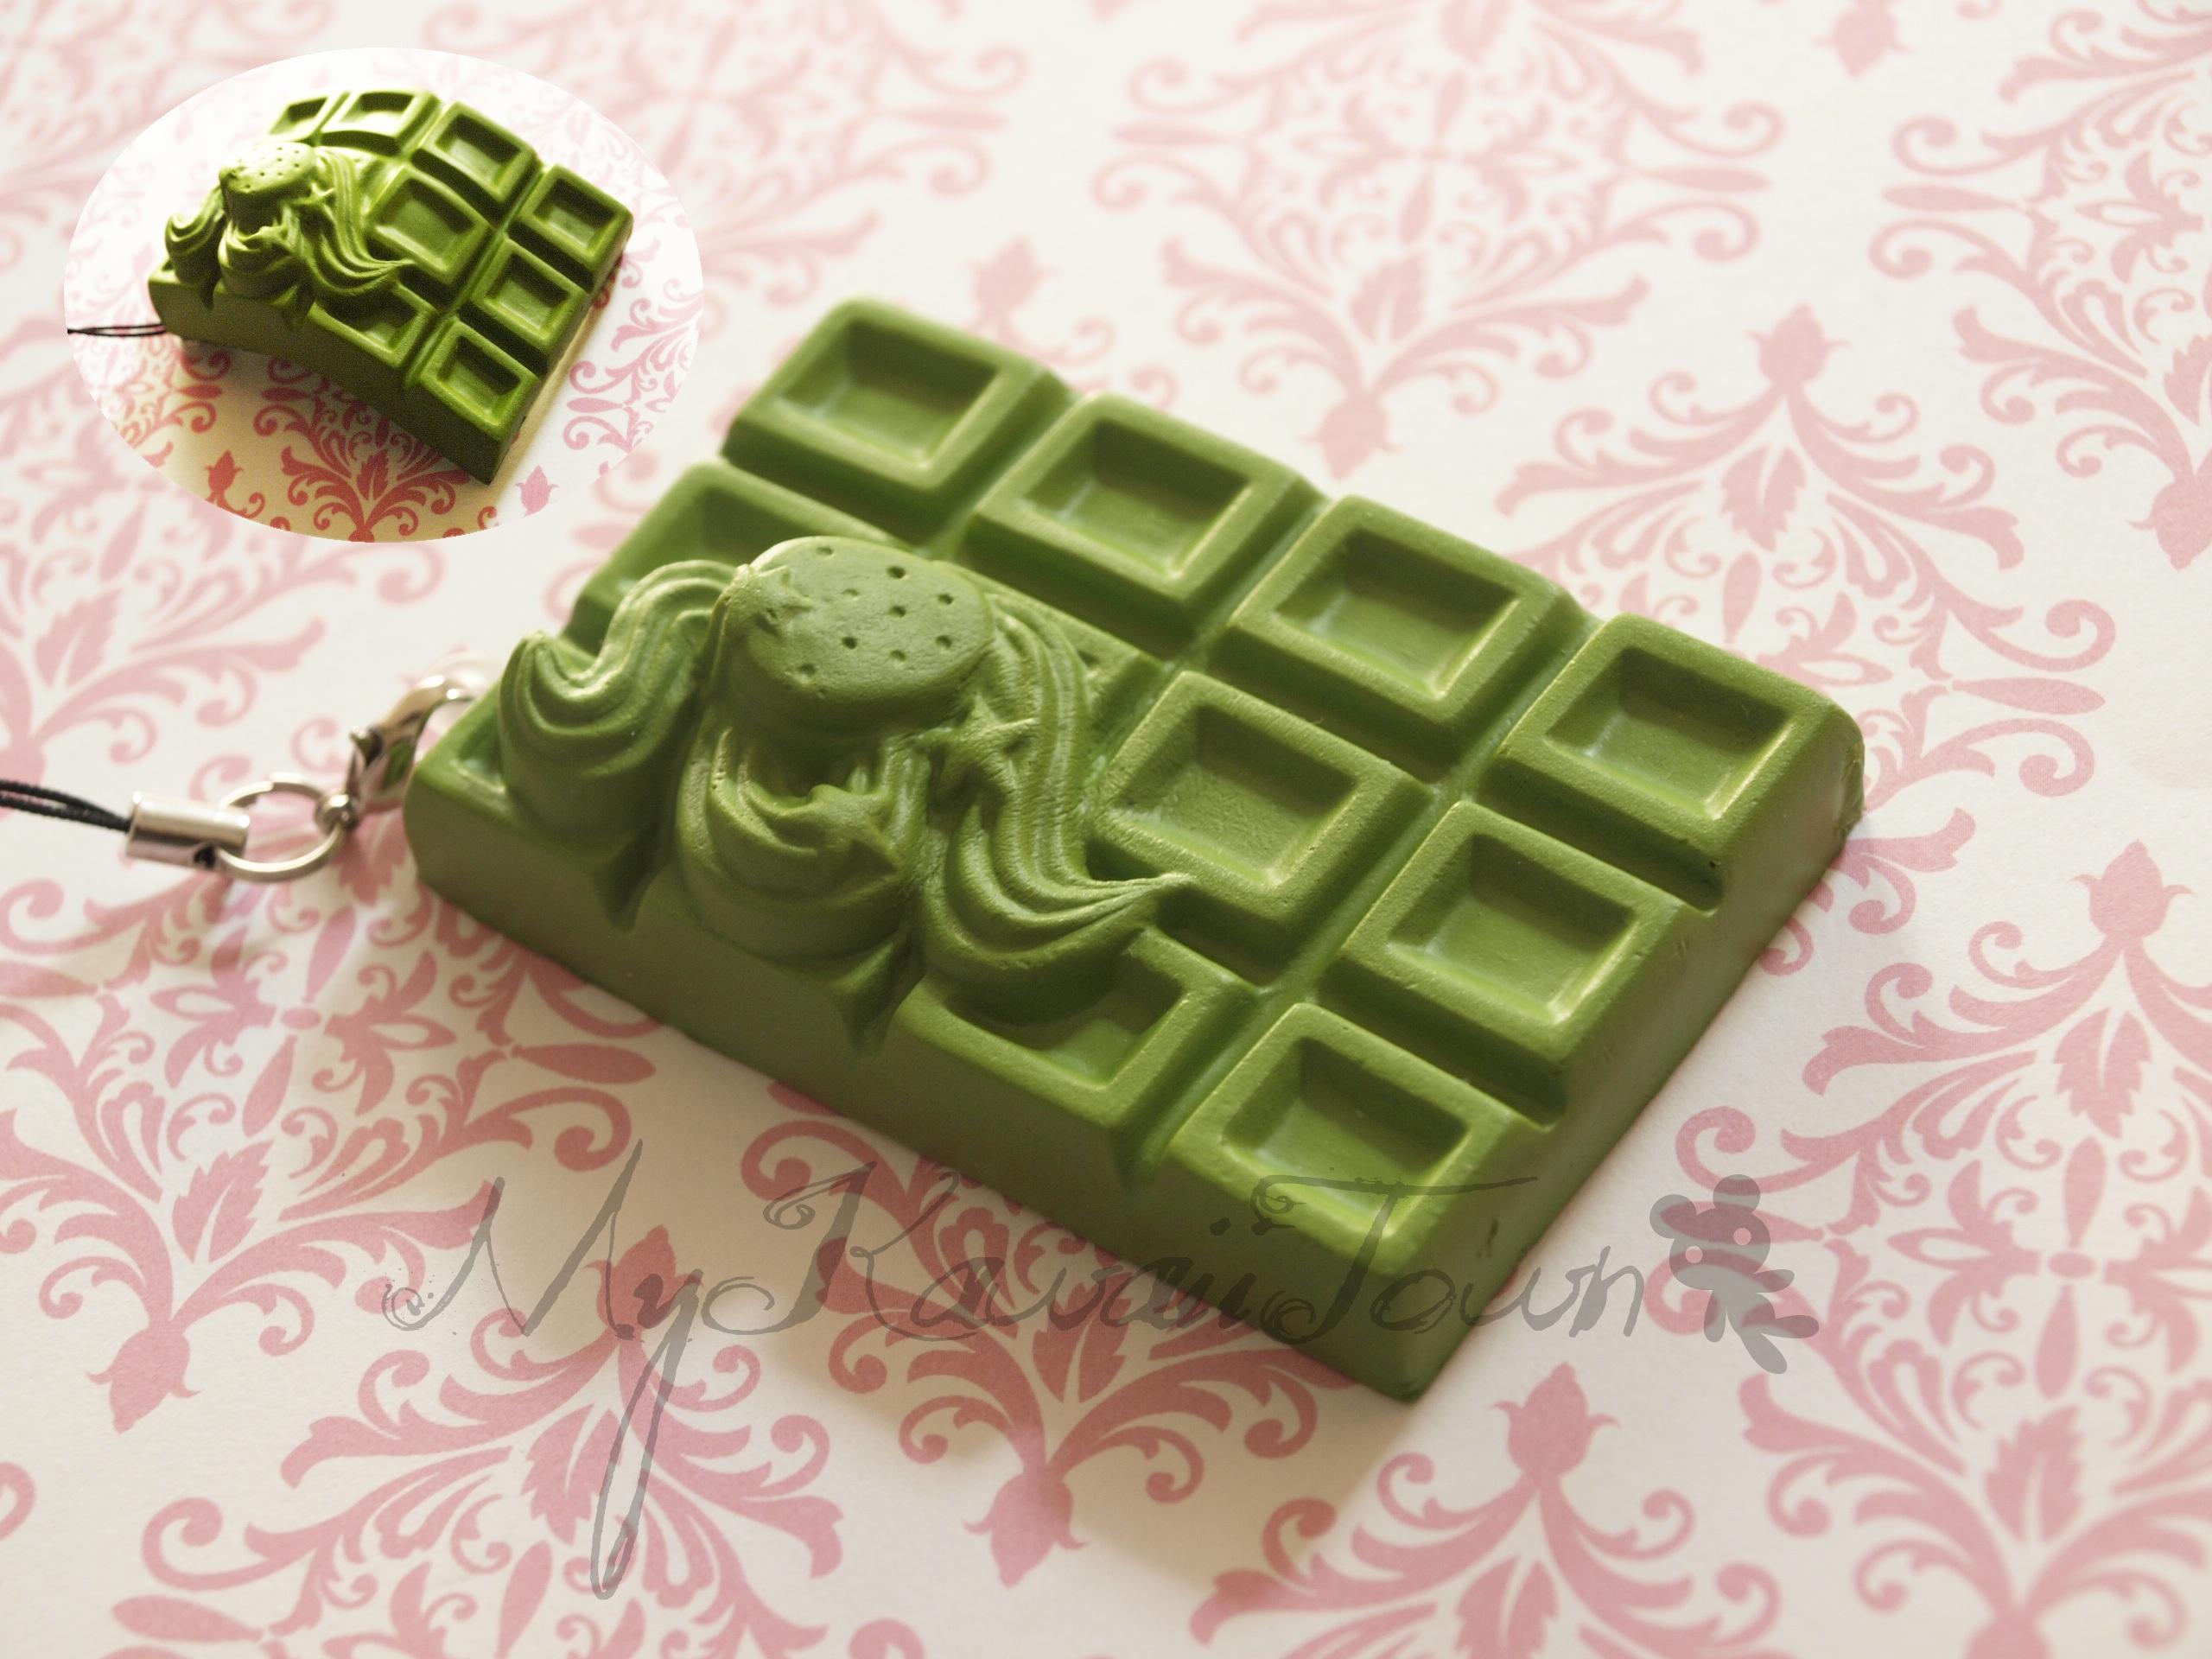 Squishy Cracking Chocolate Bar : Mykawaiitown Squishy Green Strawberry Cracking Chocolate Bar Online Store Powered by Storenvy